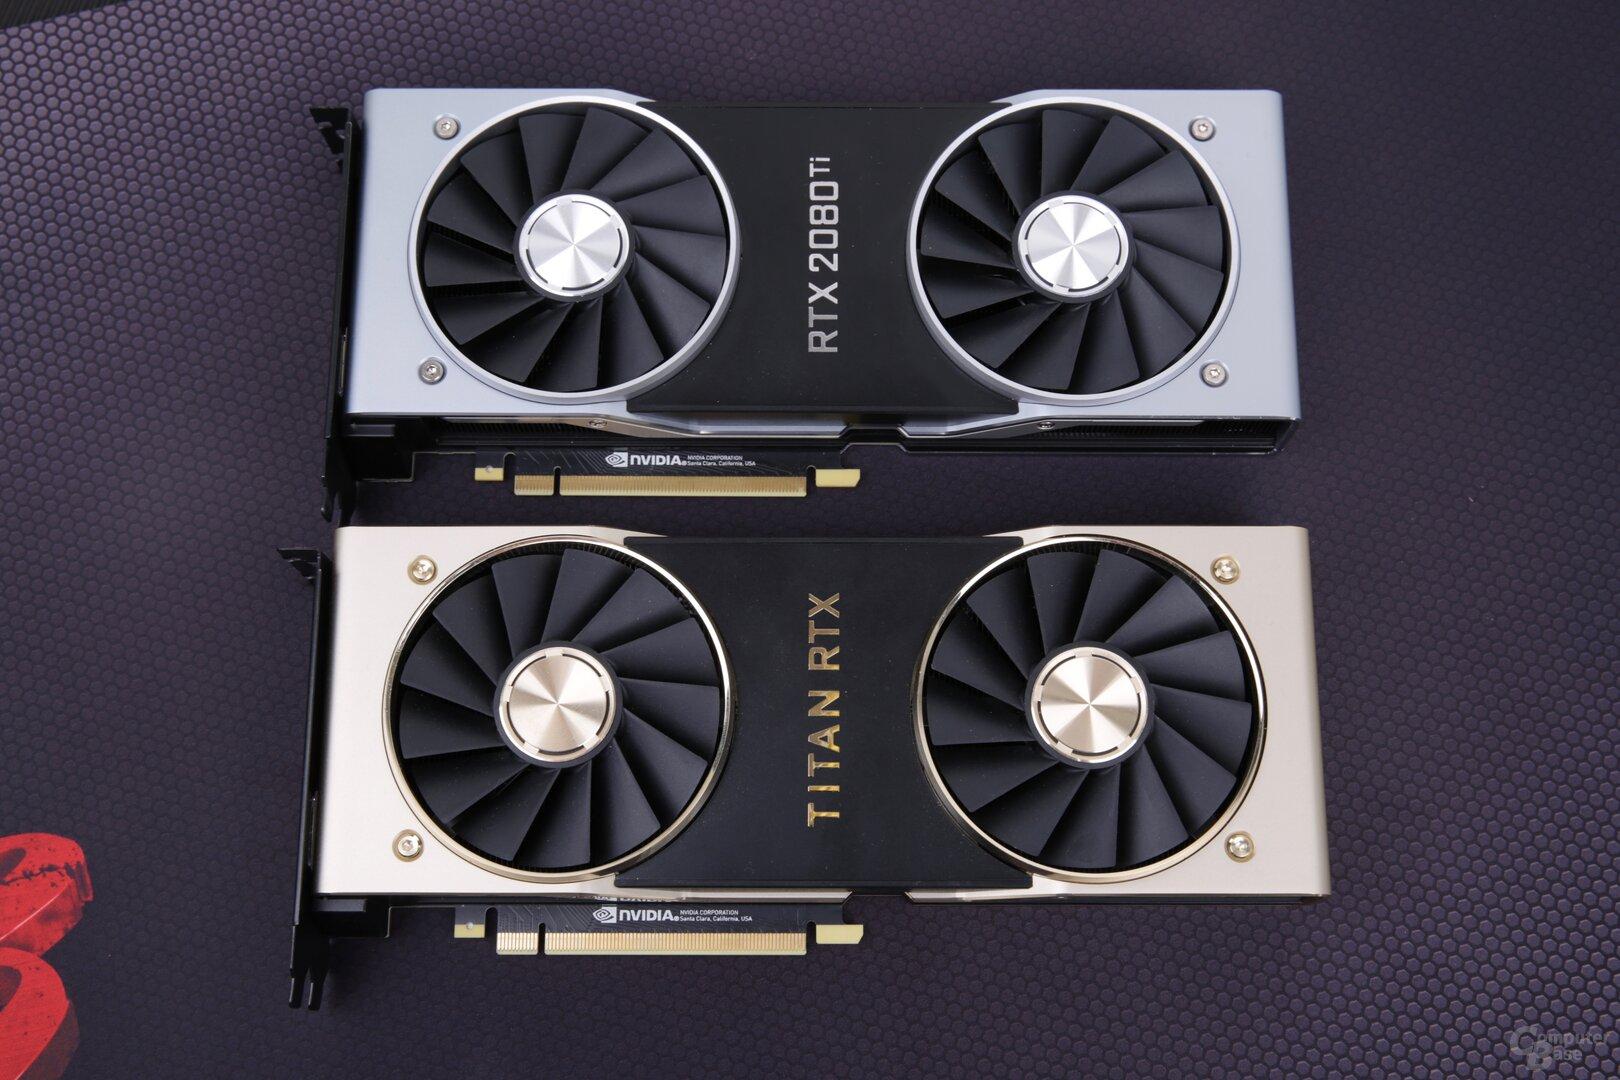 Nvidia RTX 2080 Ti (oben) und Titan RTX (unten)